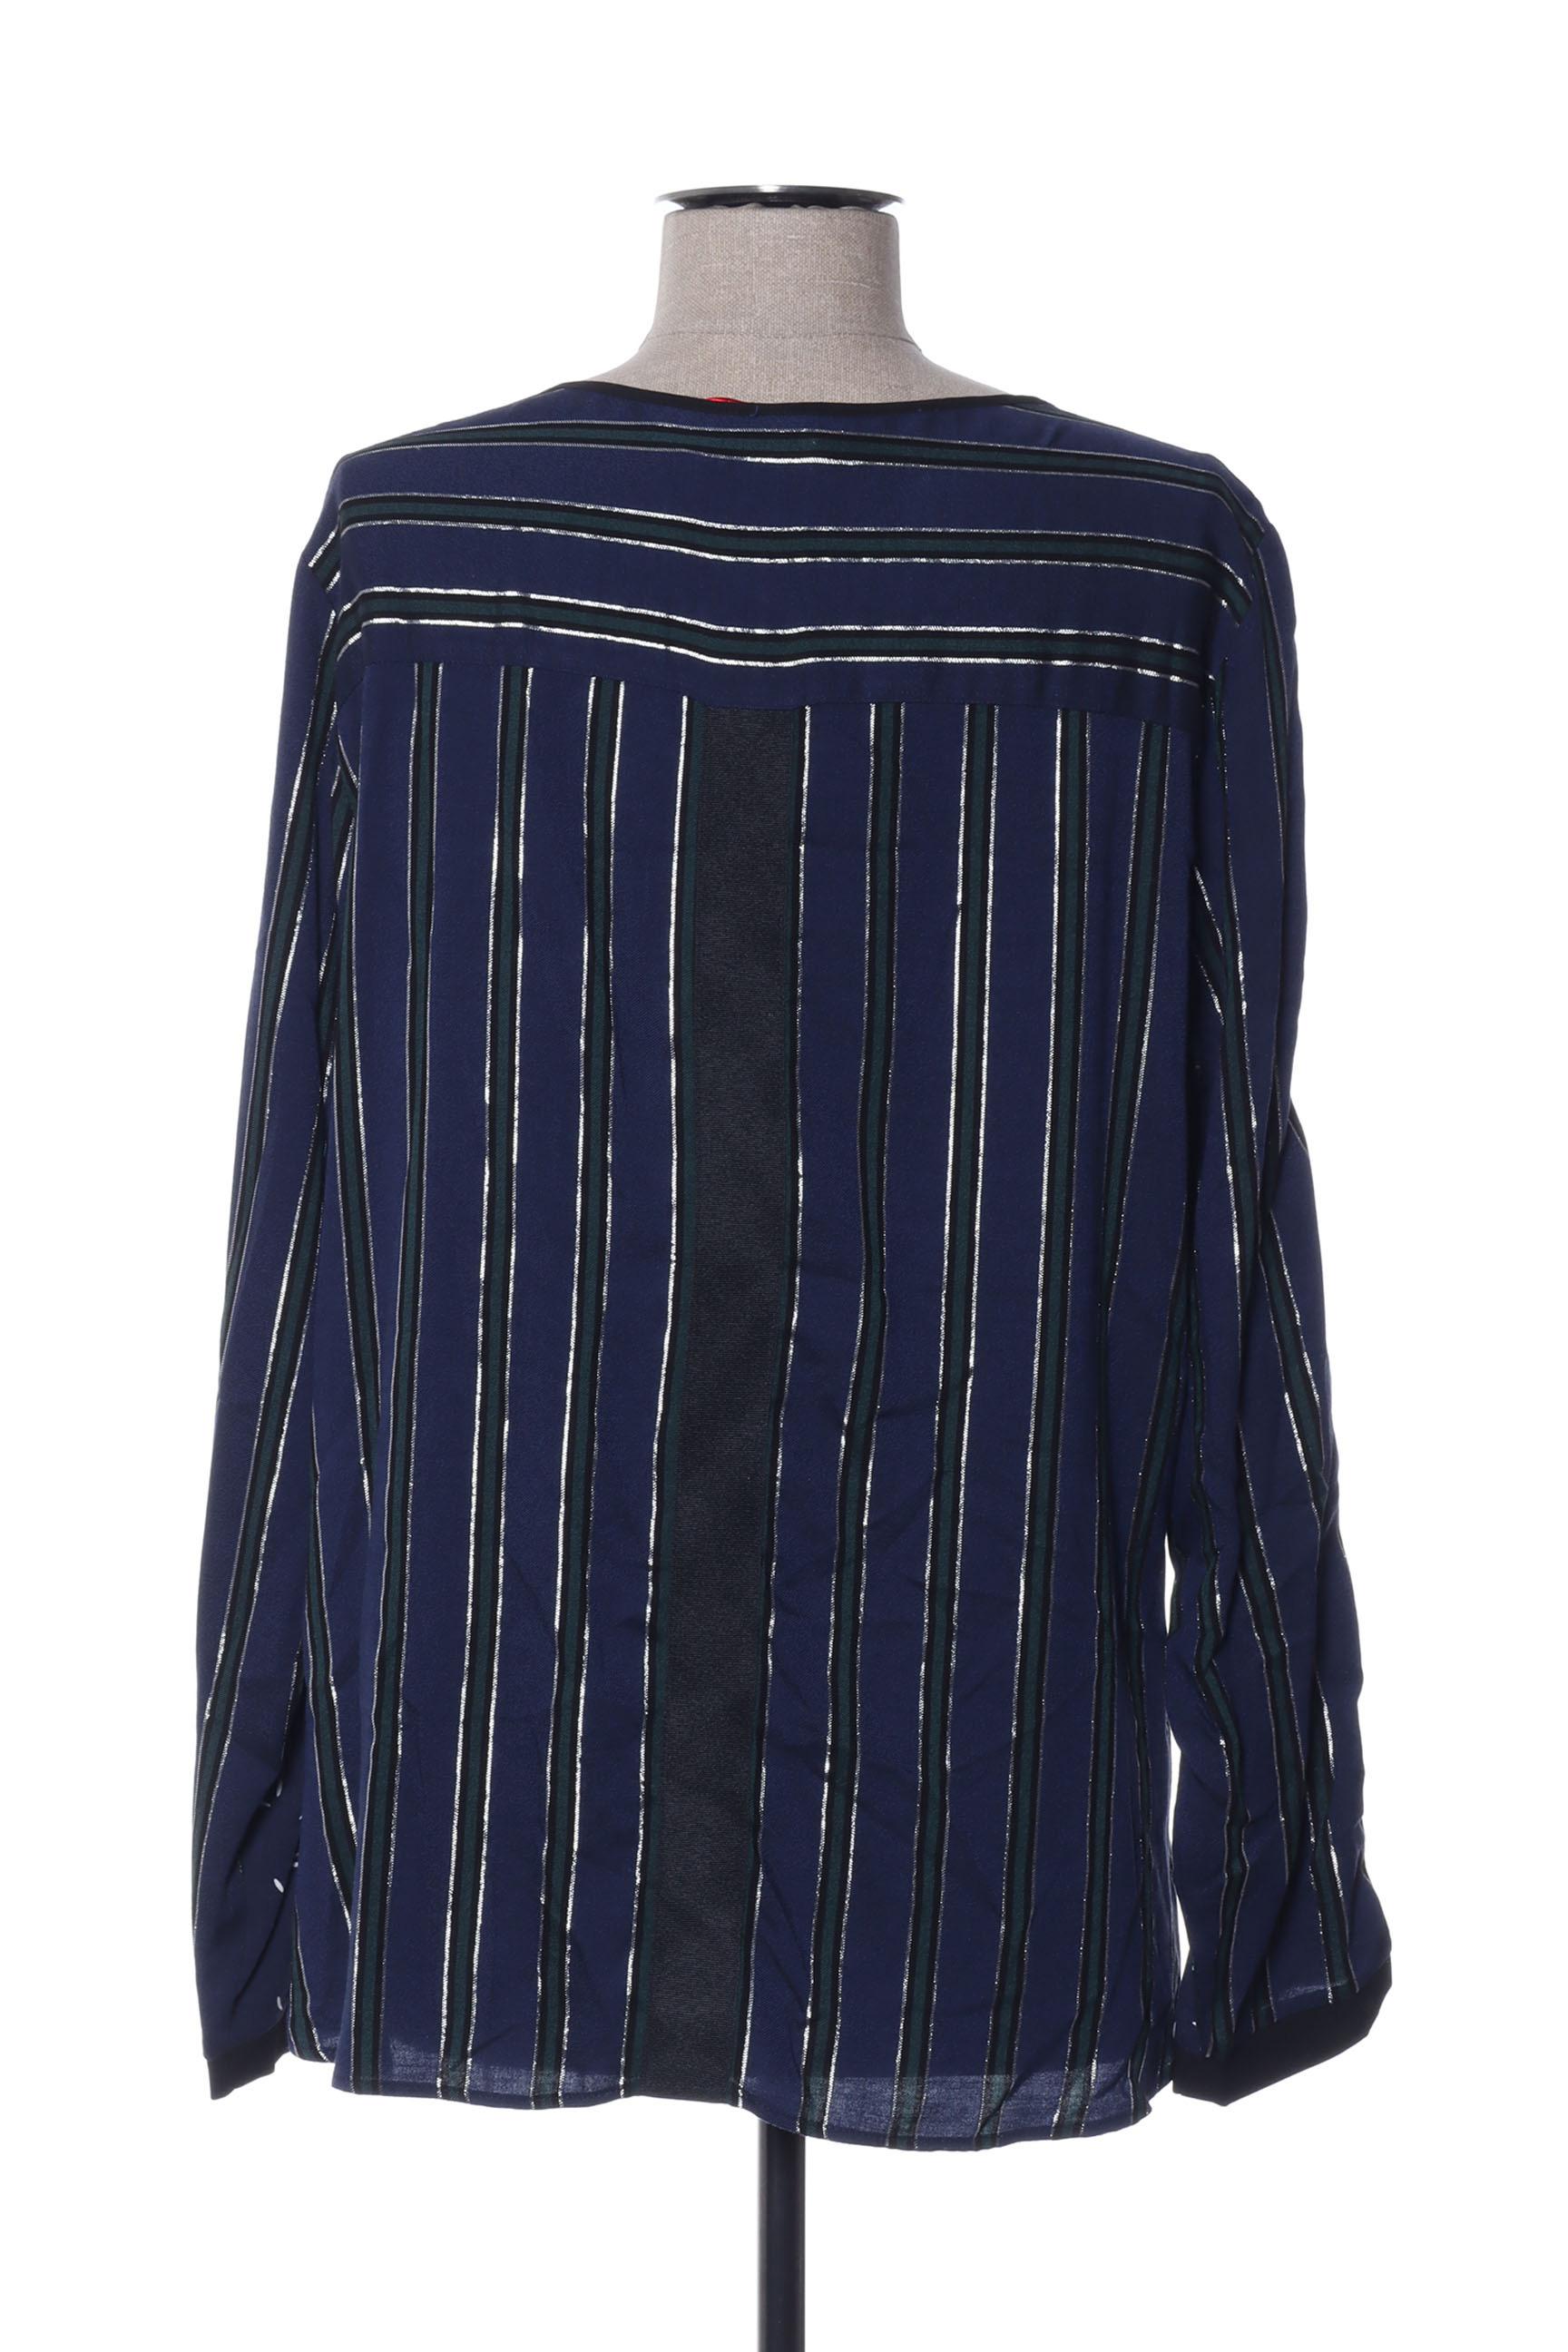 I Code By Ikks Chemisiers Manches Longues Femme De Couleur Bleu En Soldes Pas Cher 1432417-bleu00